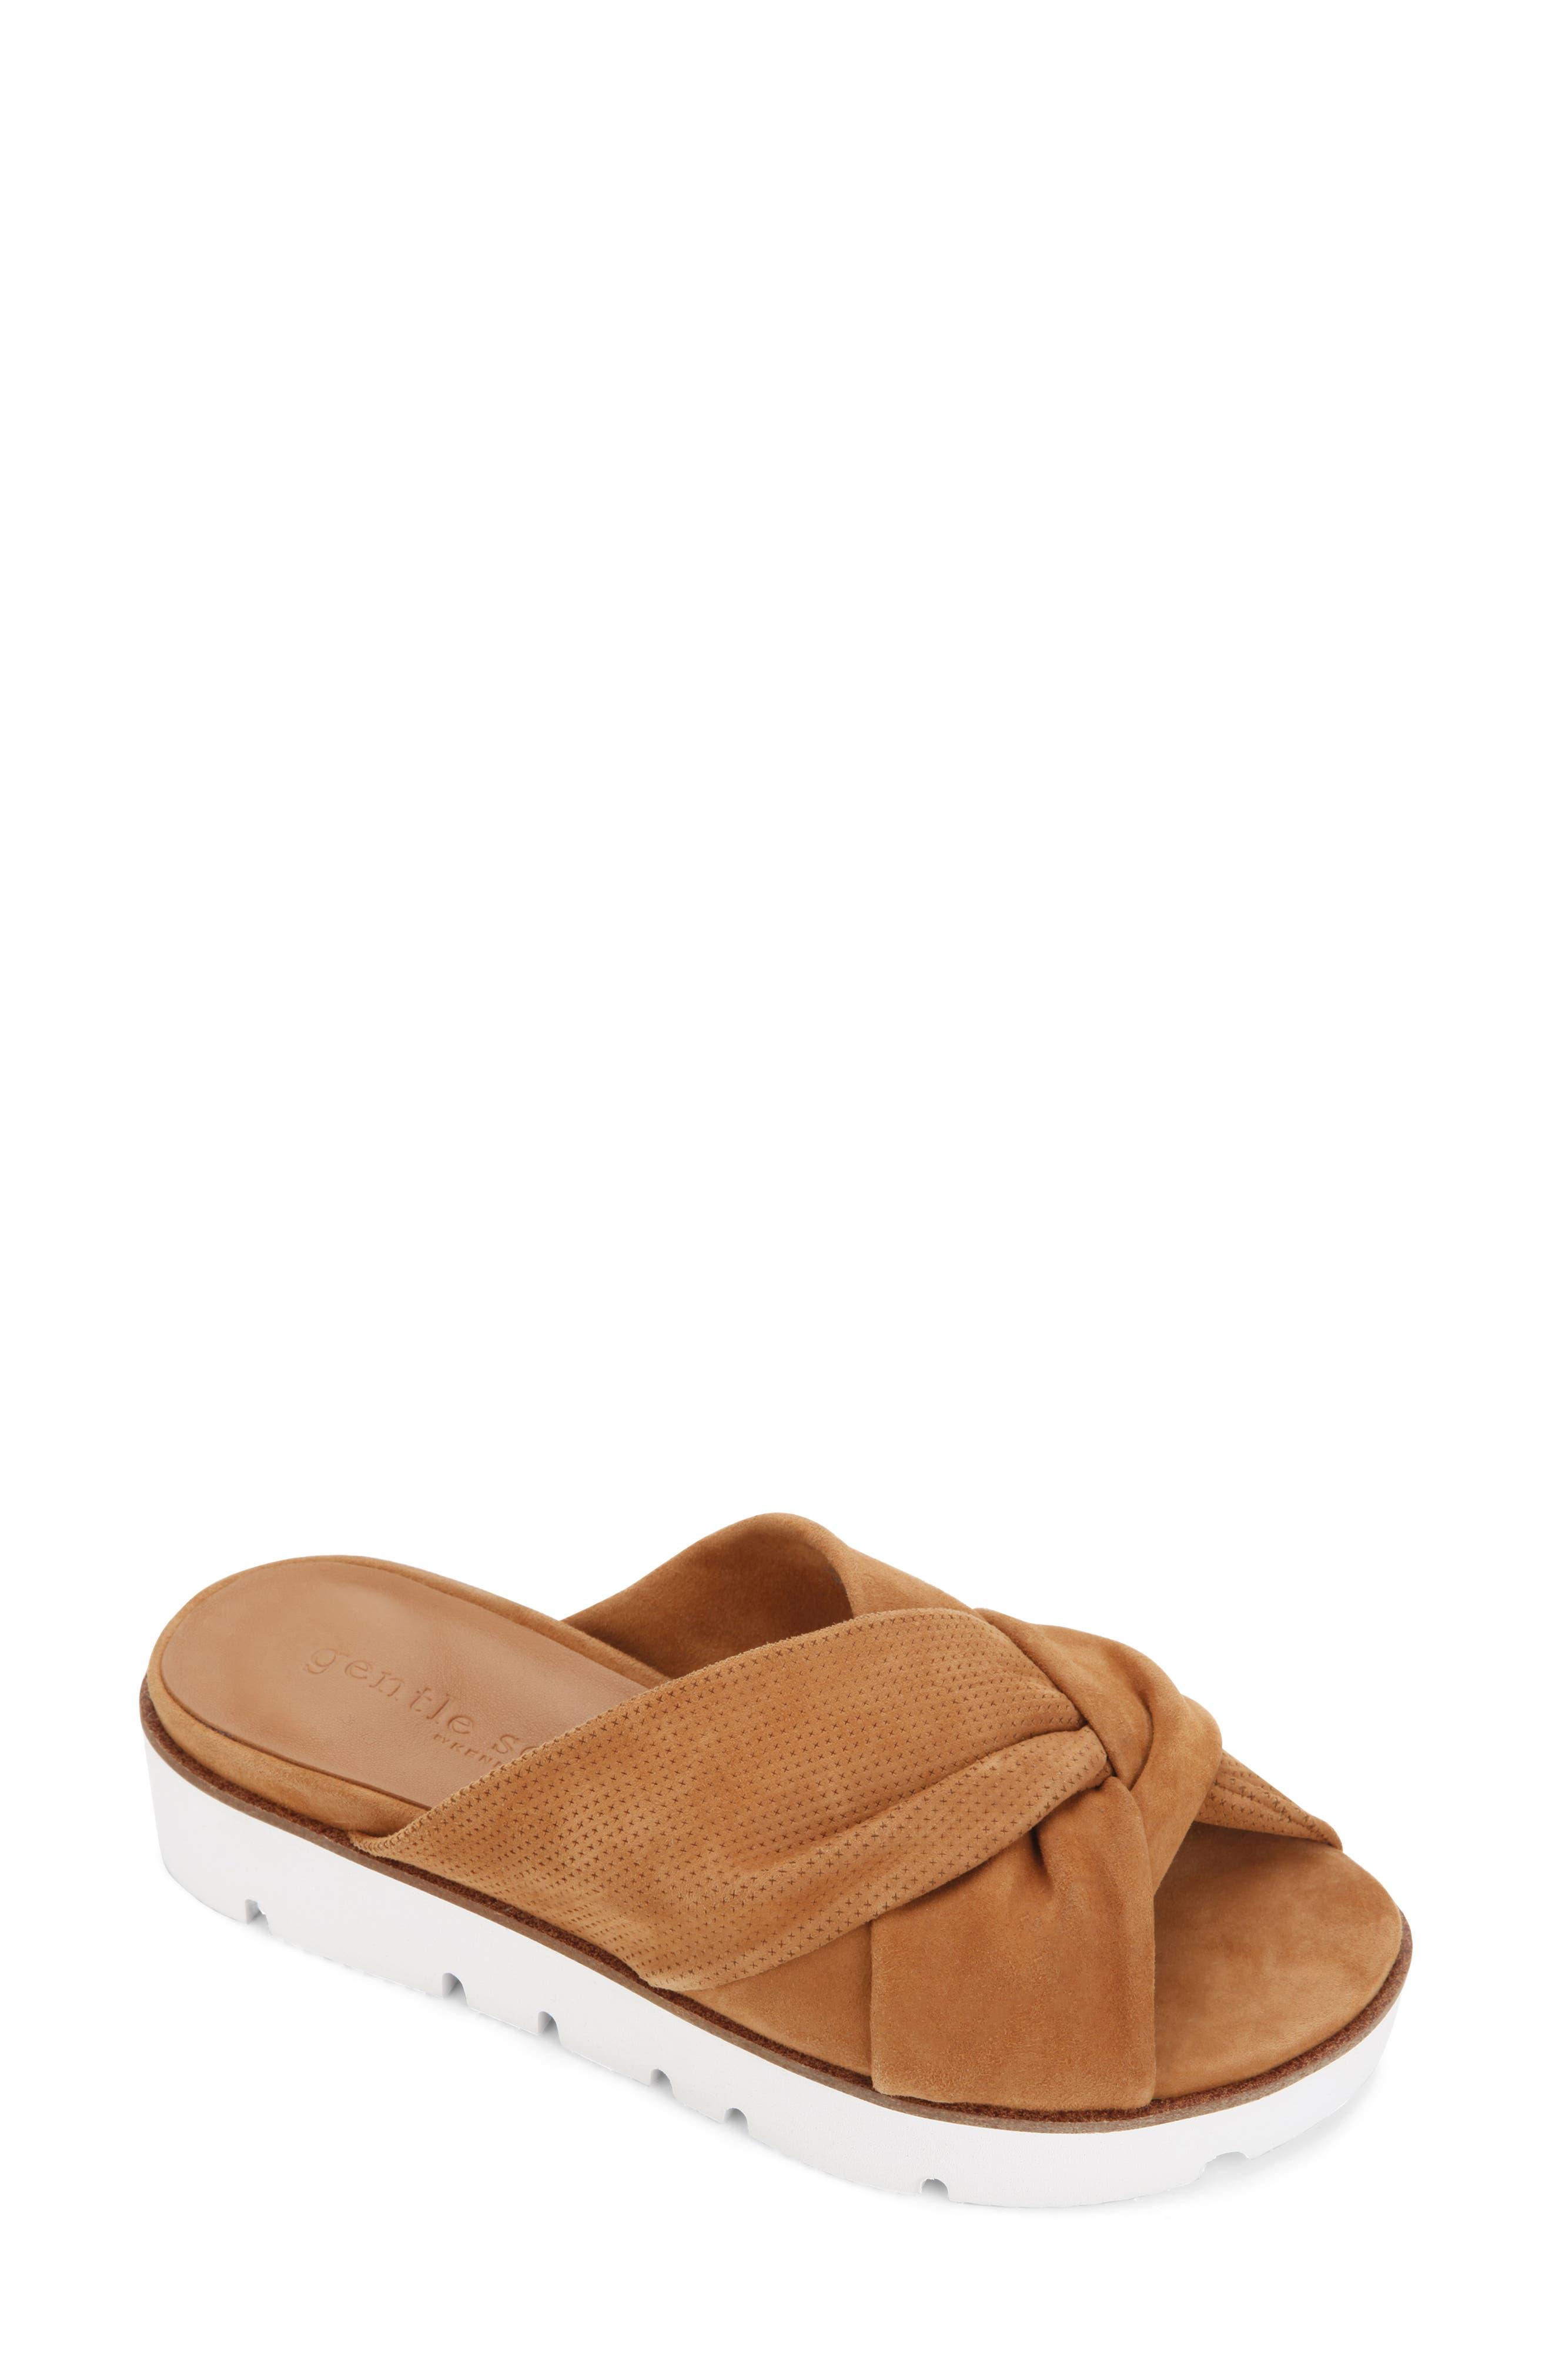 Lavern 2 Slide Sandal